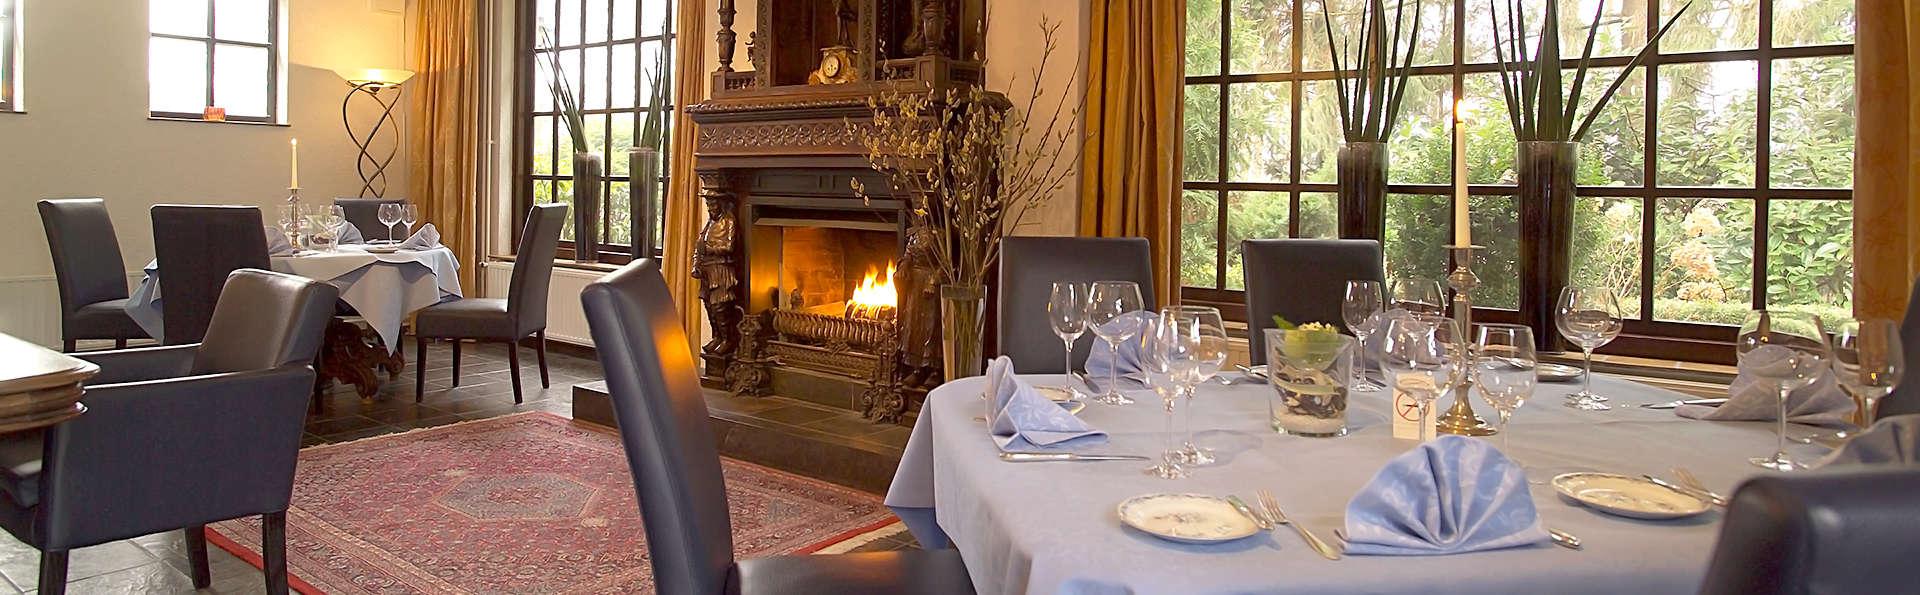 Profitez de la détente, de l'hospitalité et d'un délicieux dîner